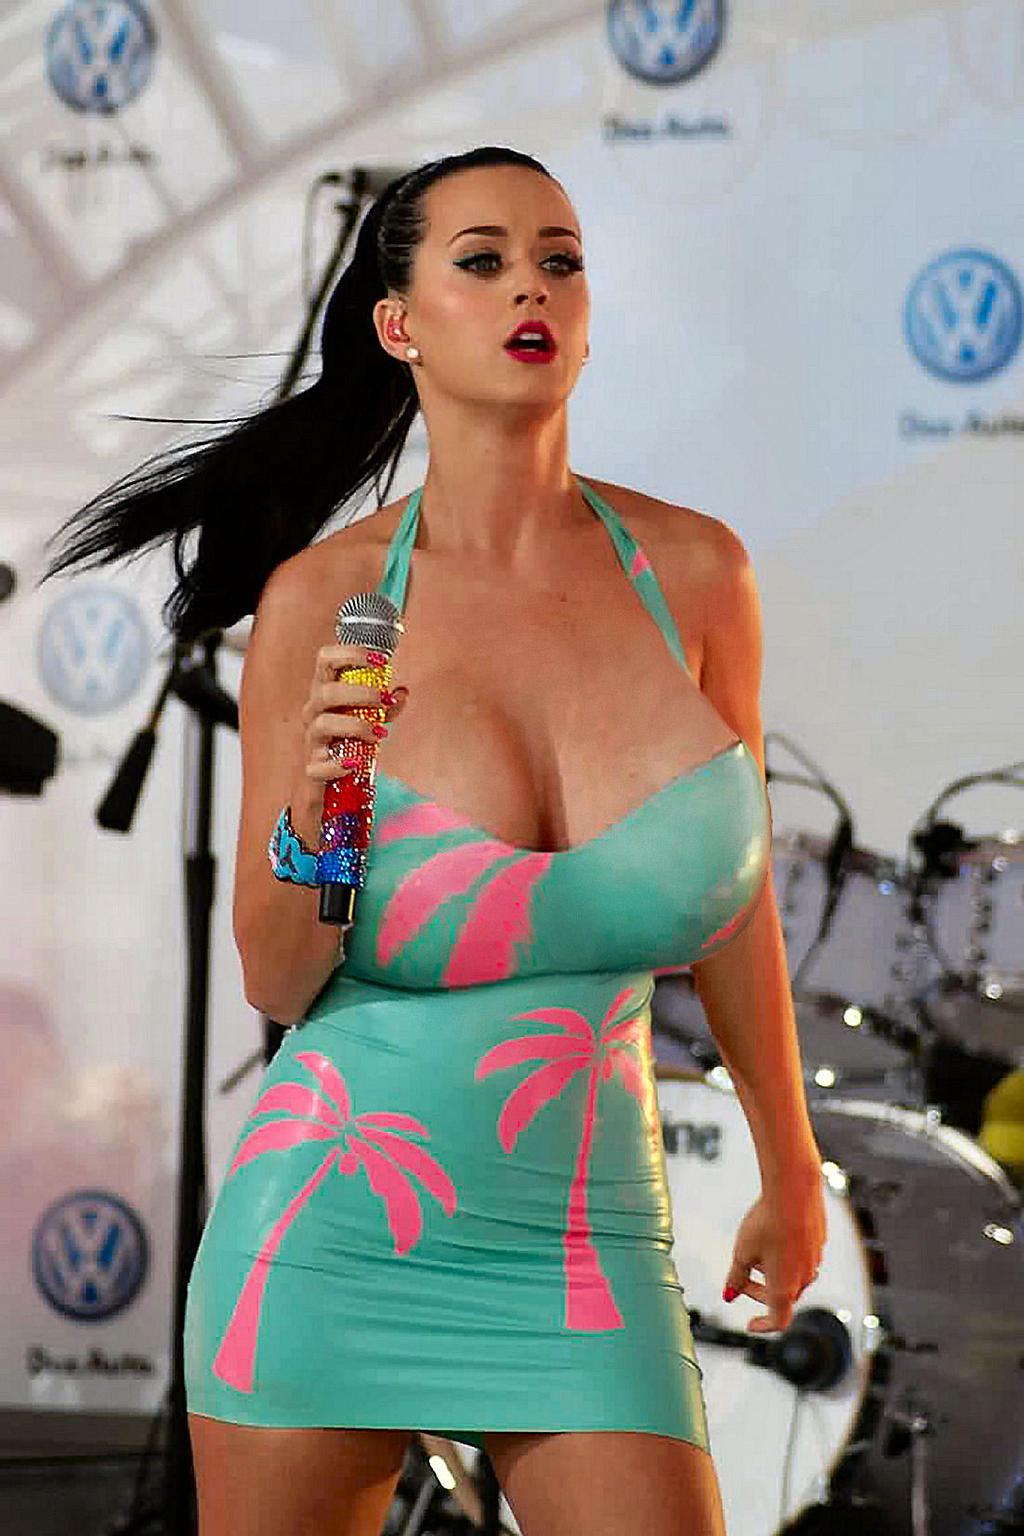 elisabeth shue naked pussy